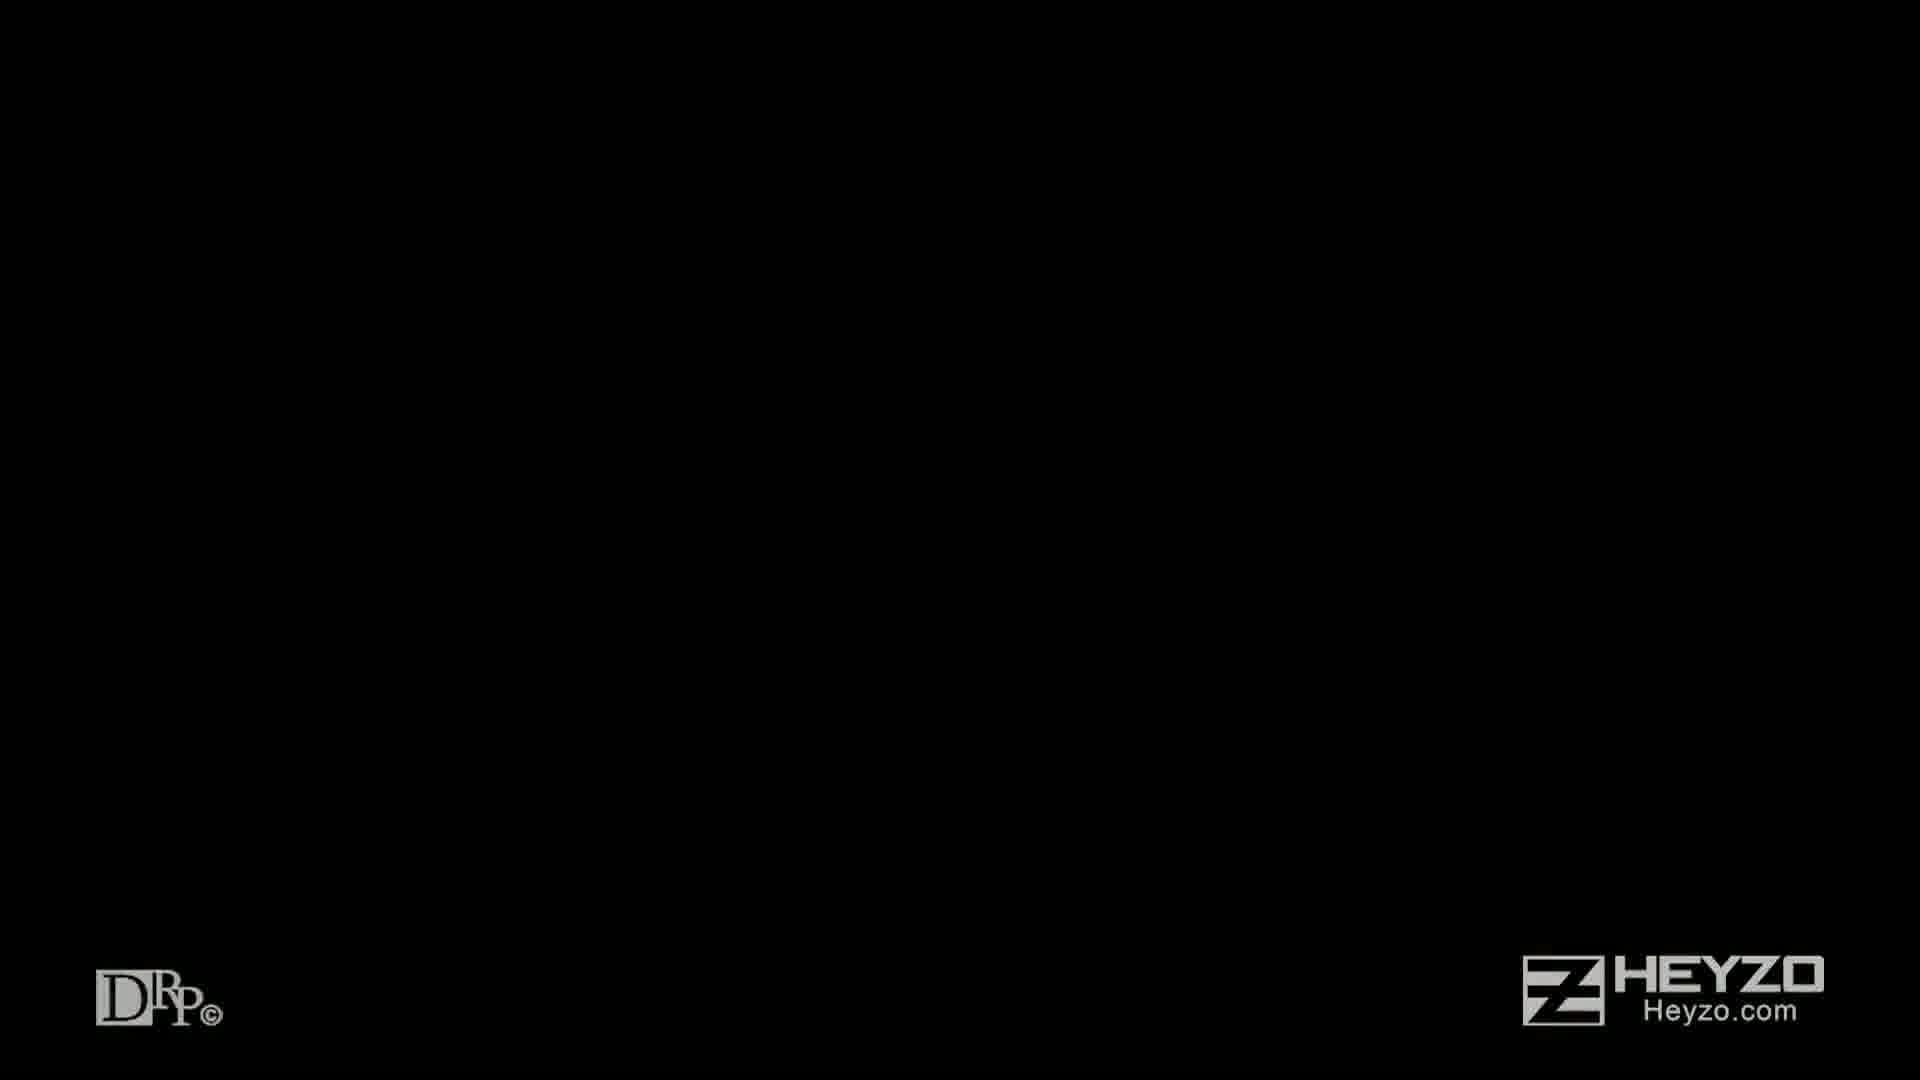 受験必勝法は電マ!?~間違えたらイカされちゃう~ - 伊織沙菜【側位 バック フェラ 騎乗位 背面座位 正常位 中出し】